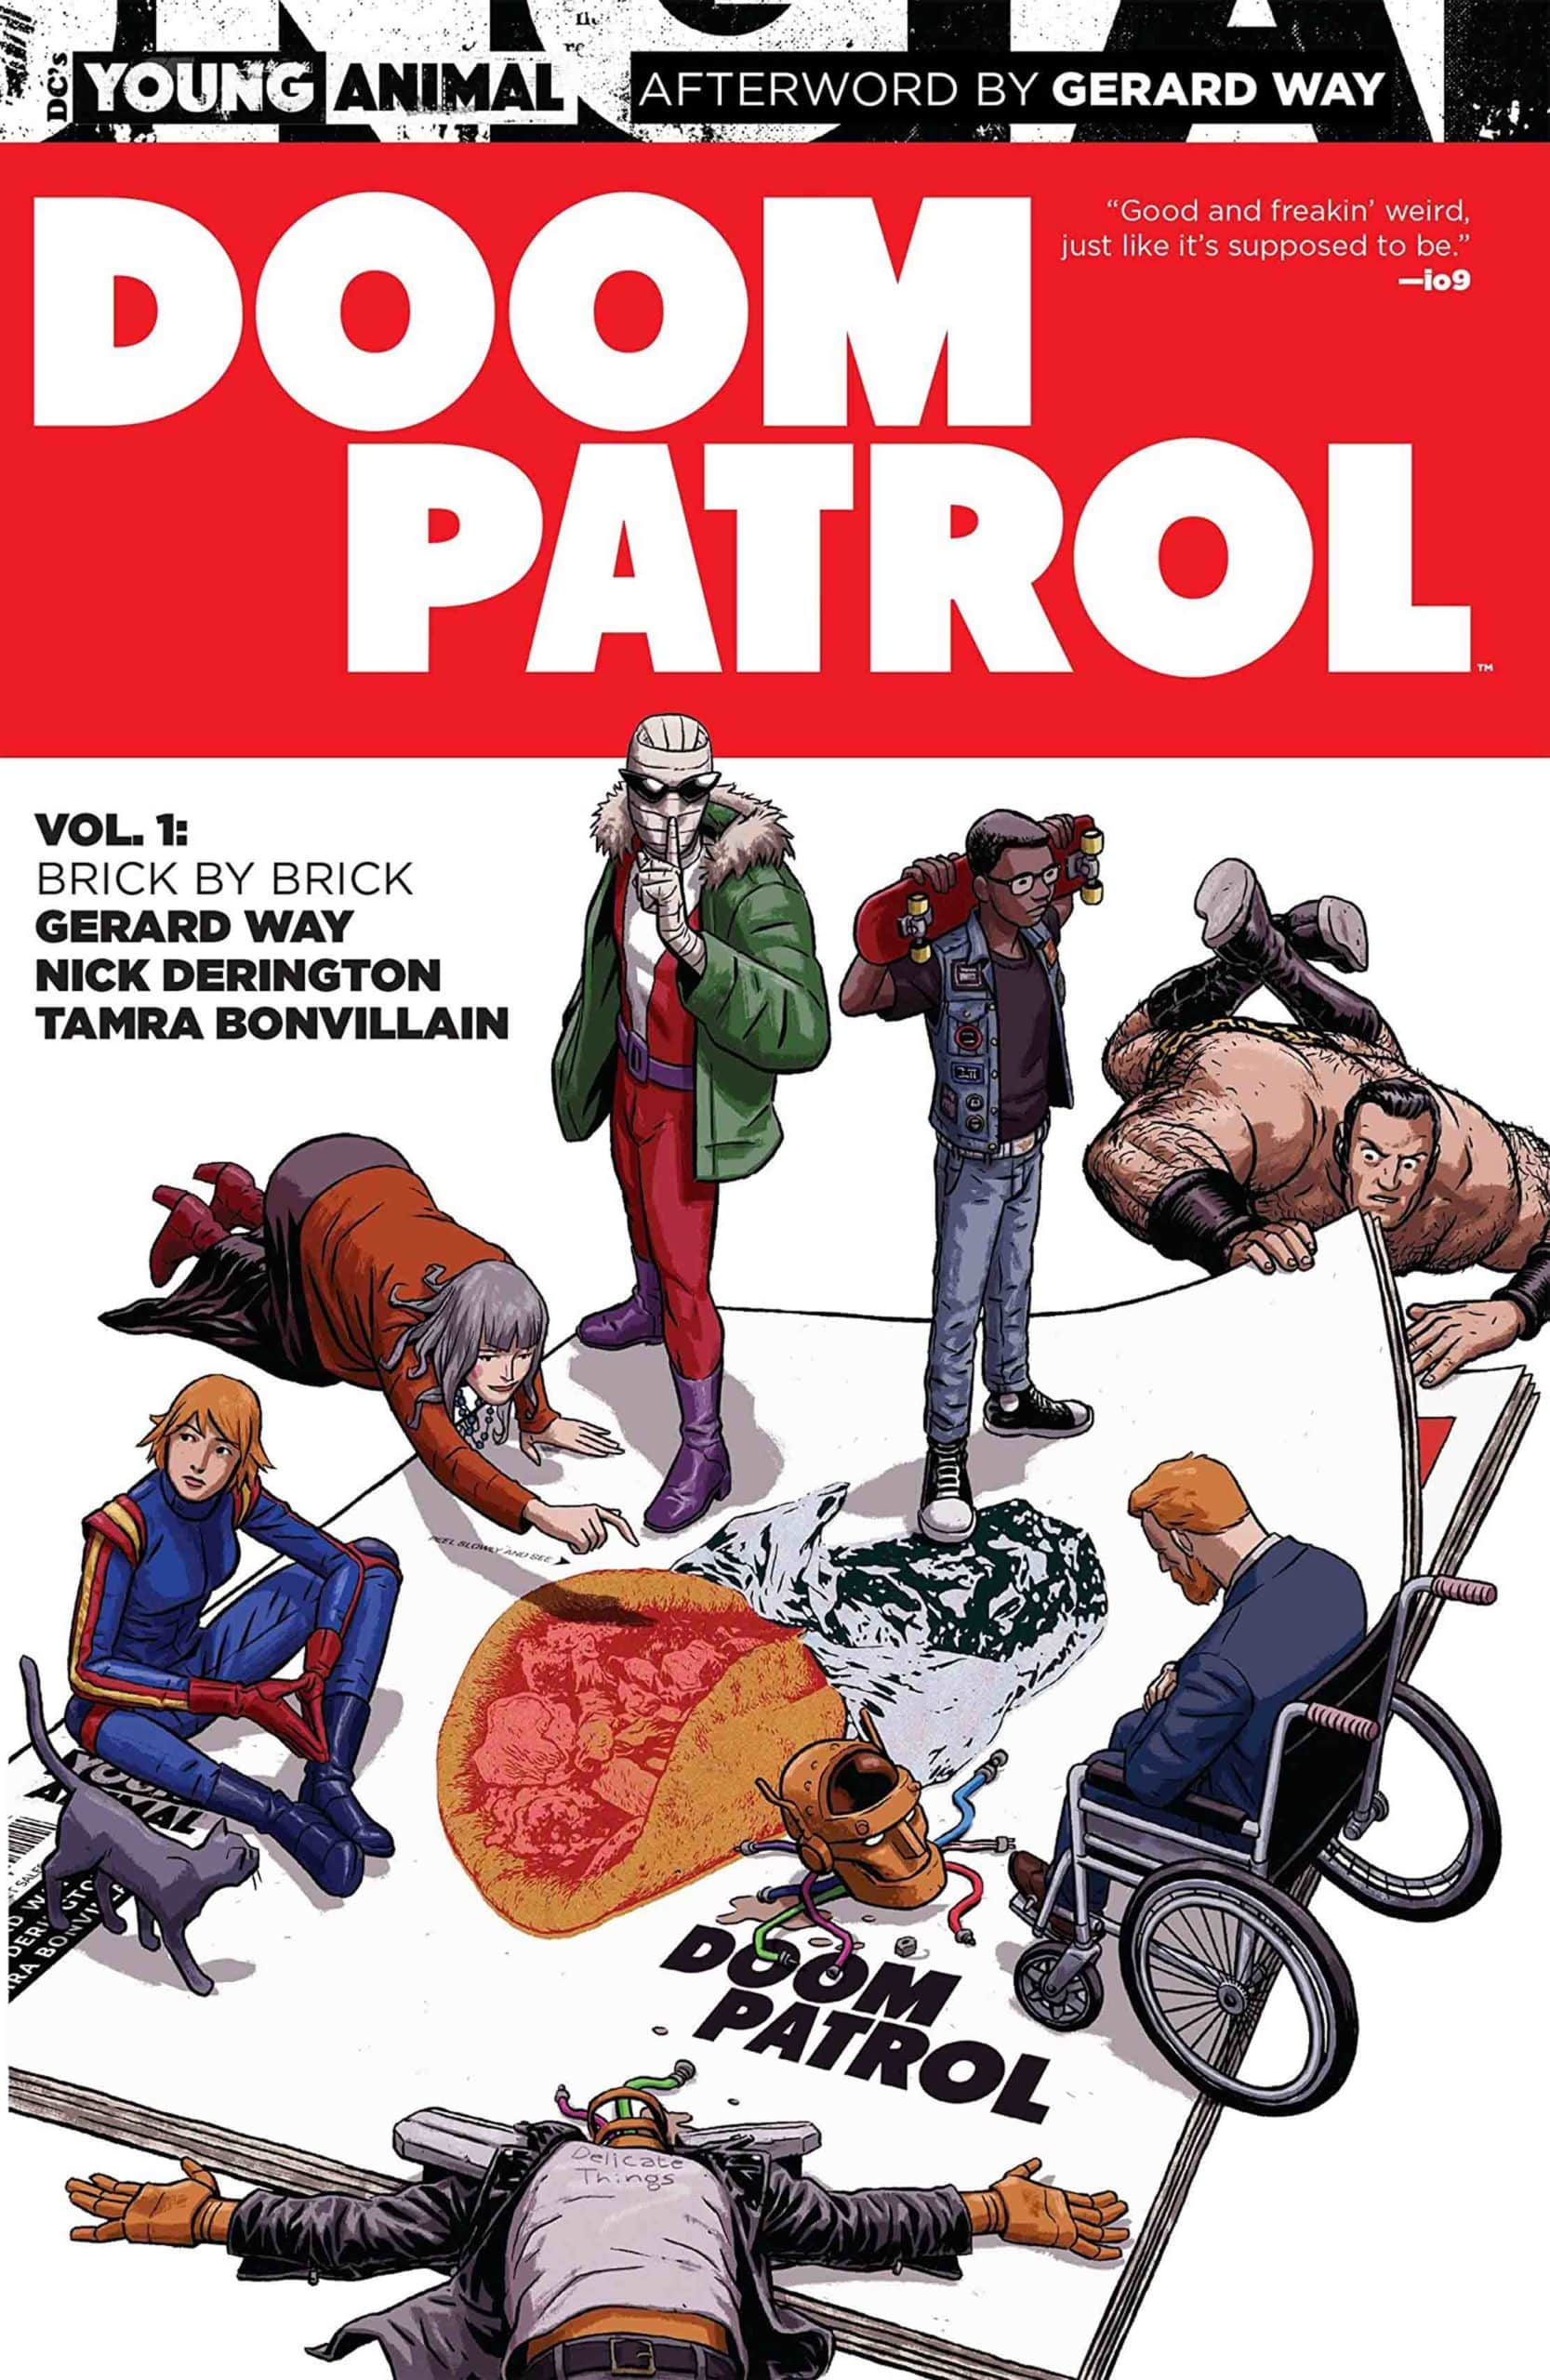 Doom Patrol Comics and TV Show